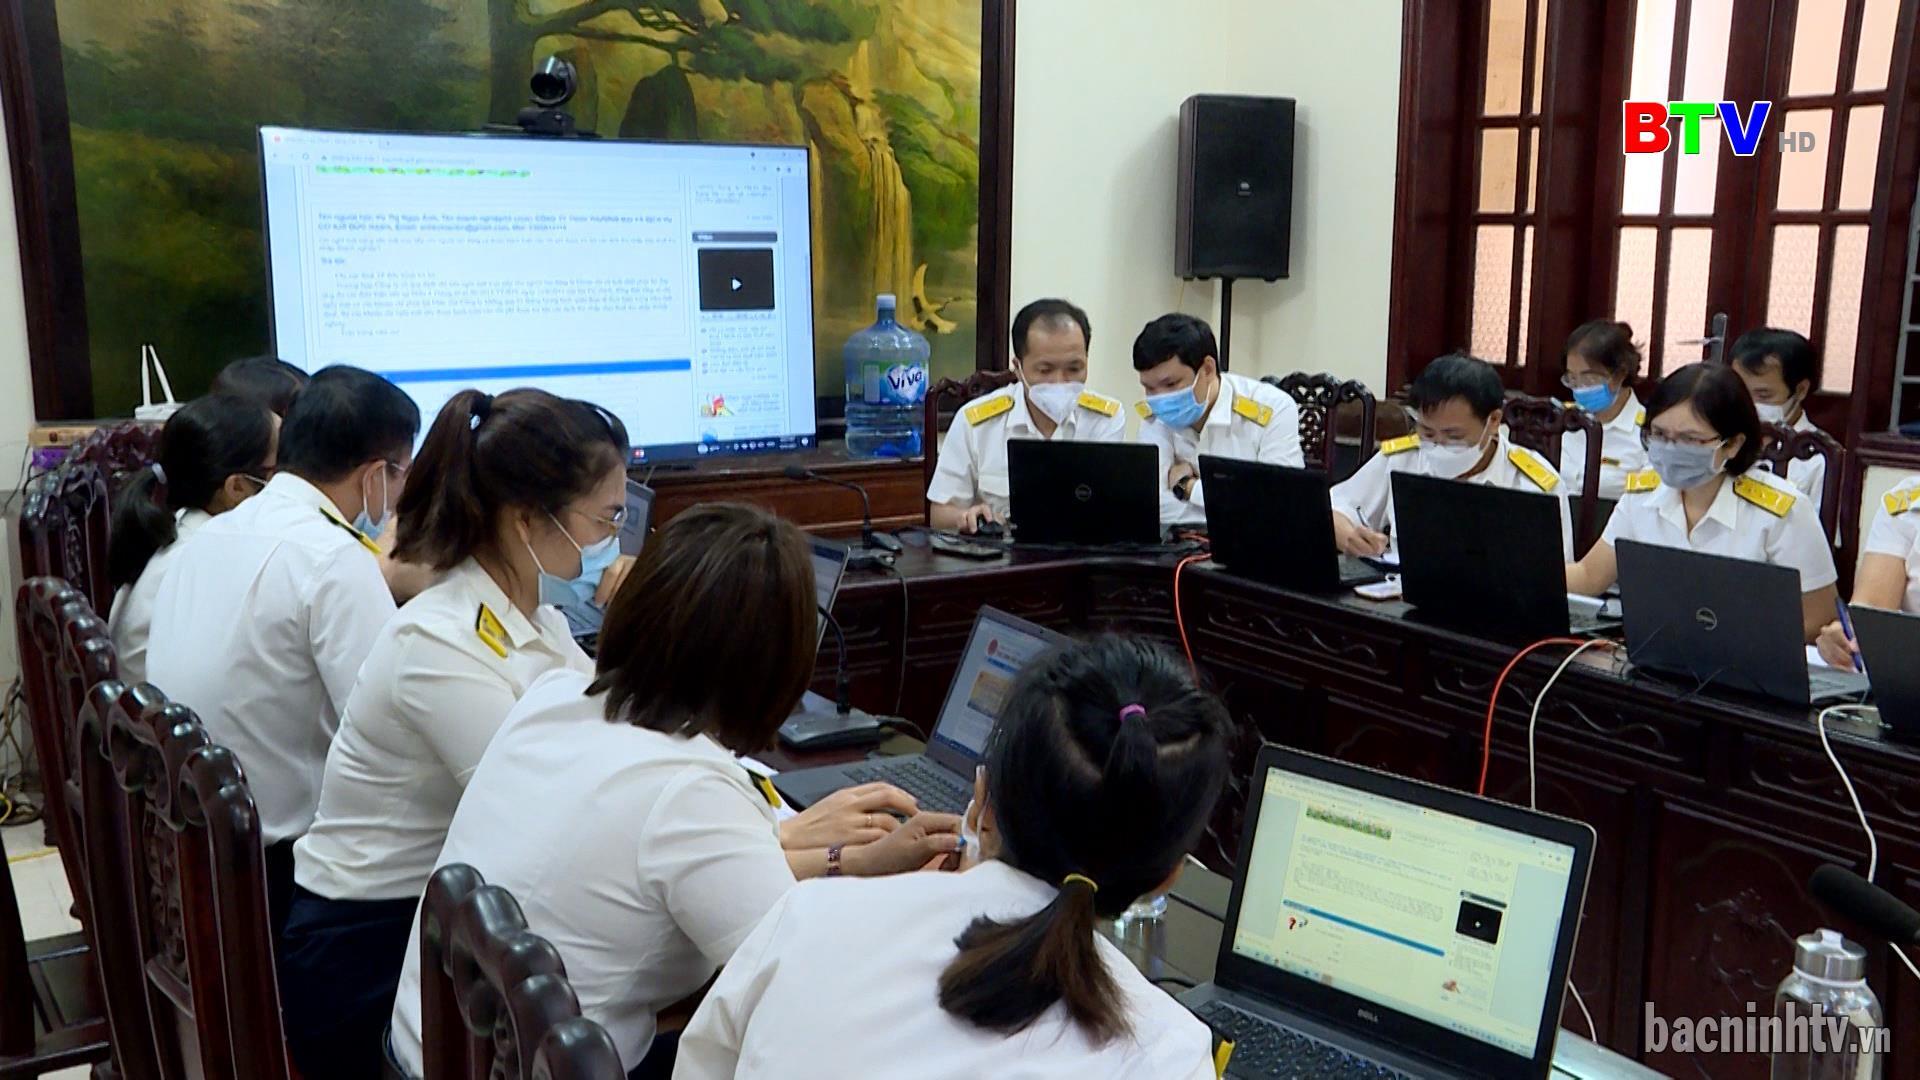 Hội nghị trực tuyến hỗ trợ giải đáp vướng mắc về chính sách thuế